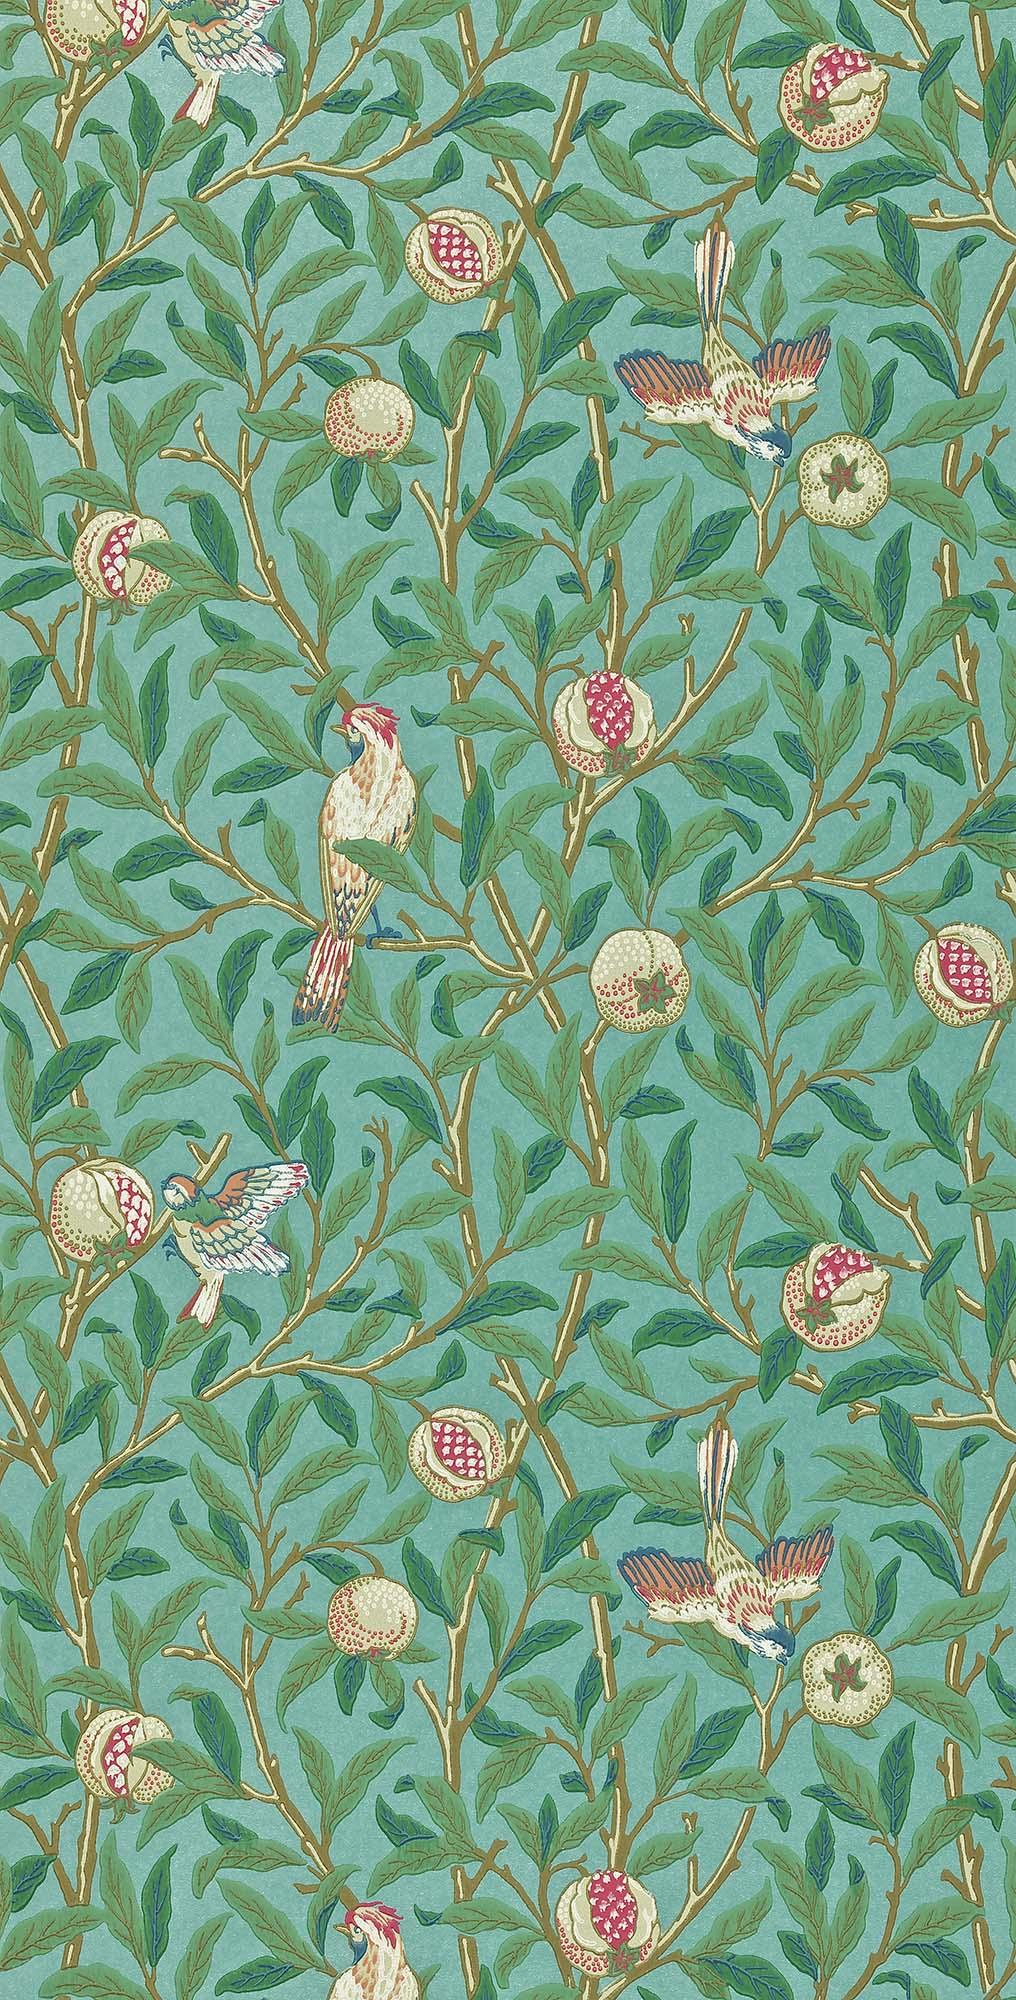 ウィリアムモリス壁紙 Bird & Pomegranate 212538